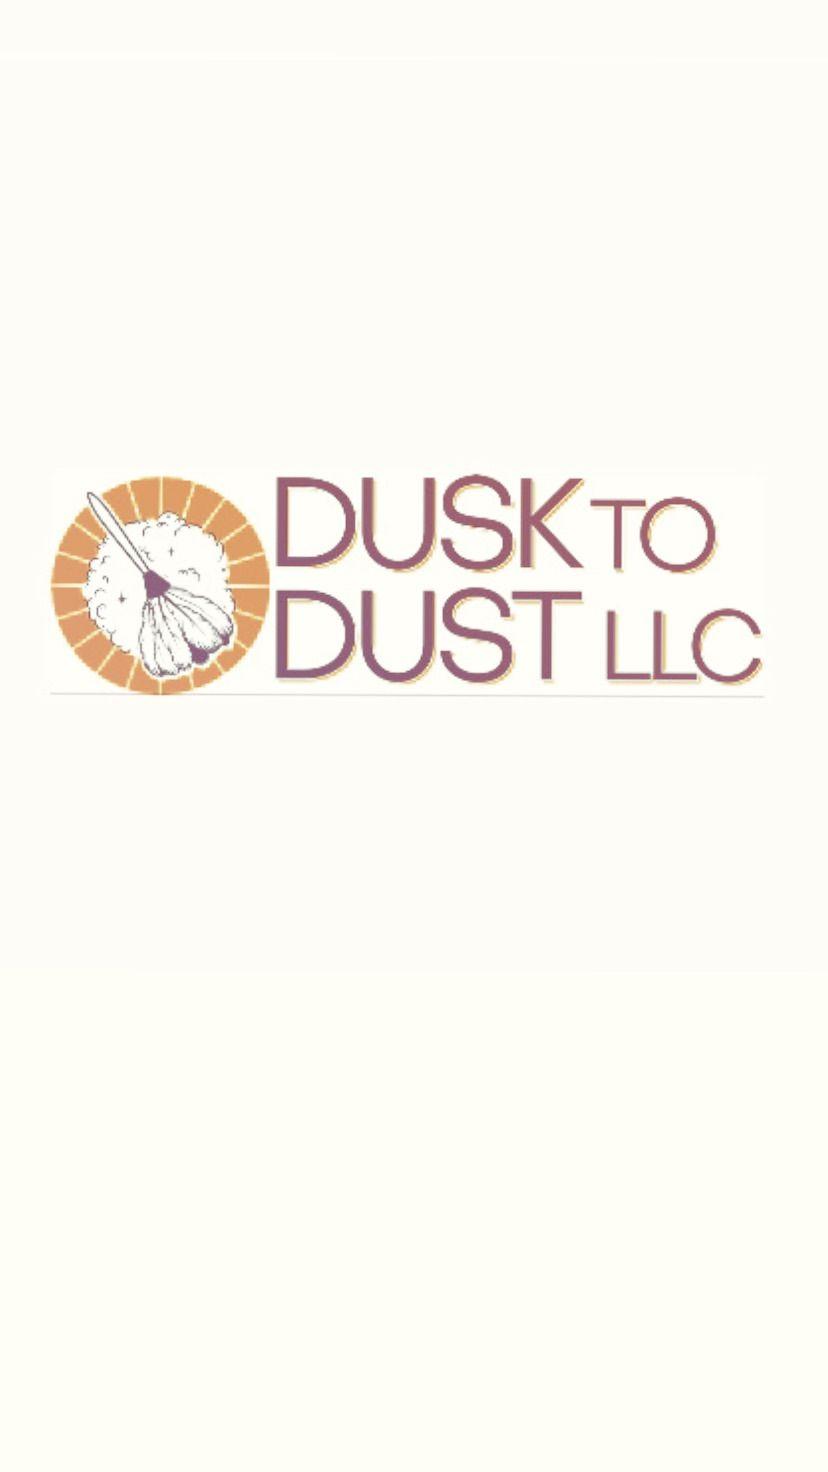 Dusk To Dust LLC